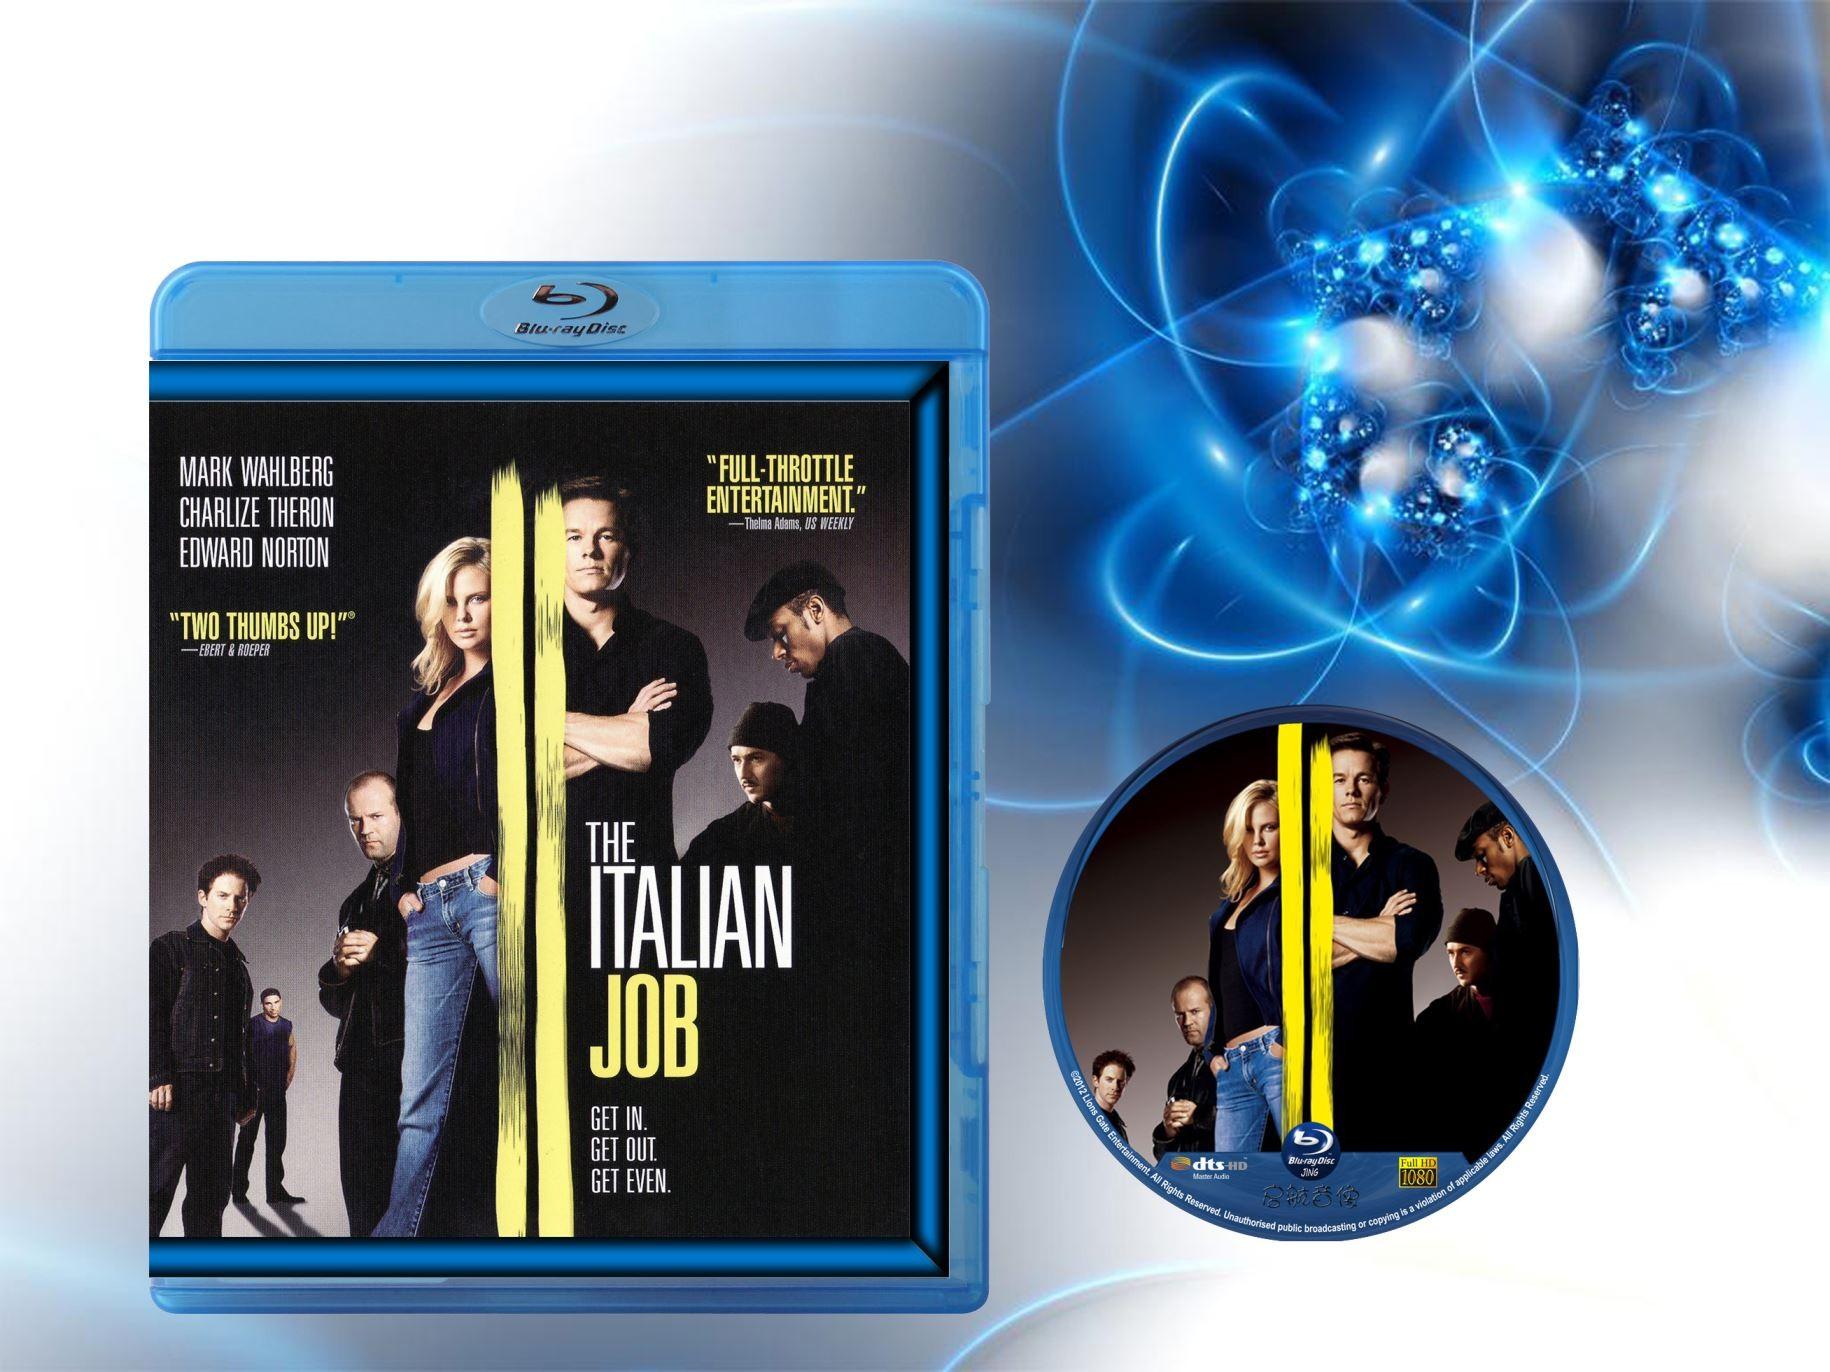 偷天换日/意大利任务 The Italian Job  48-015